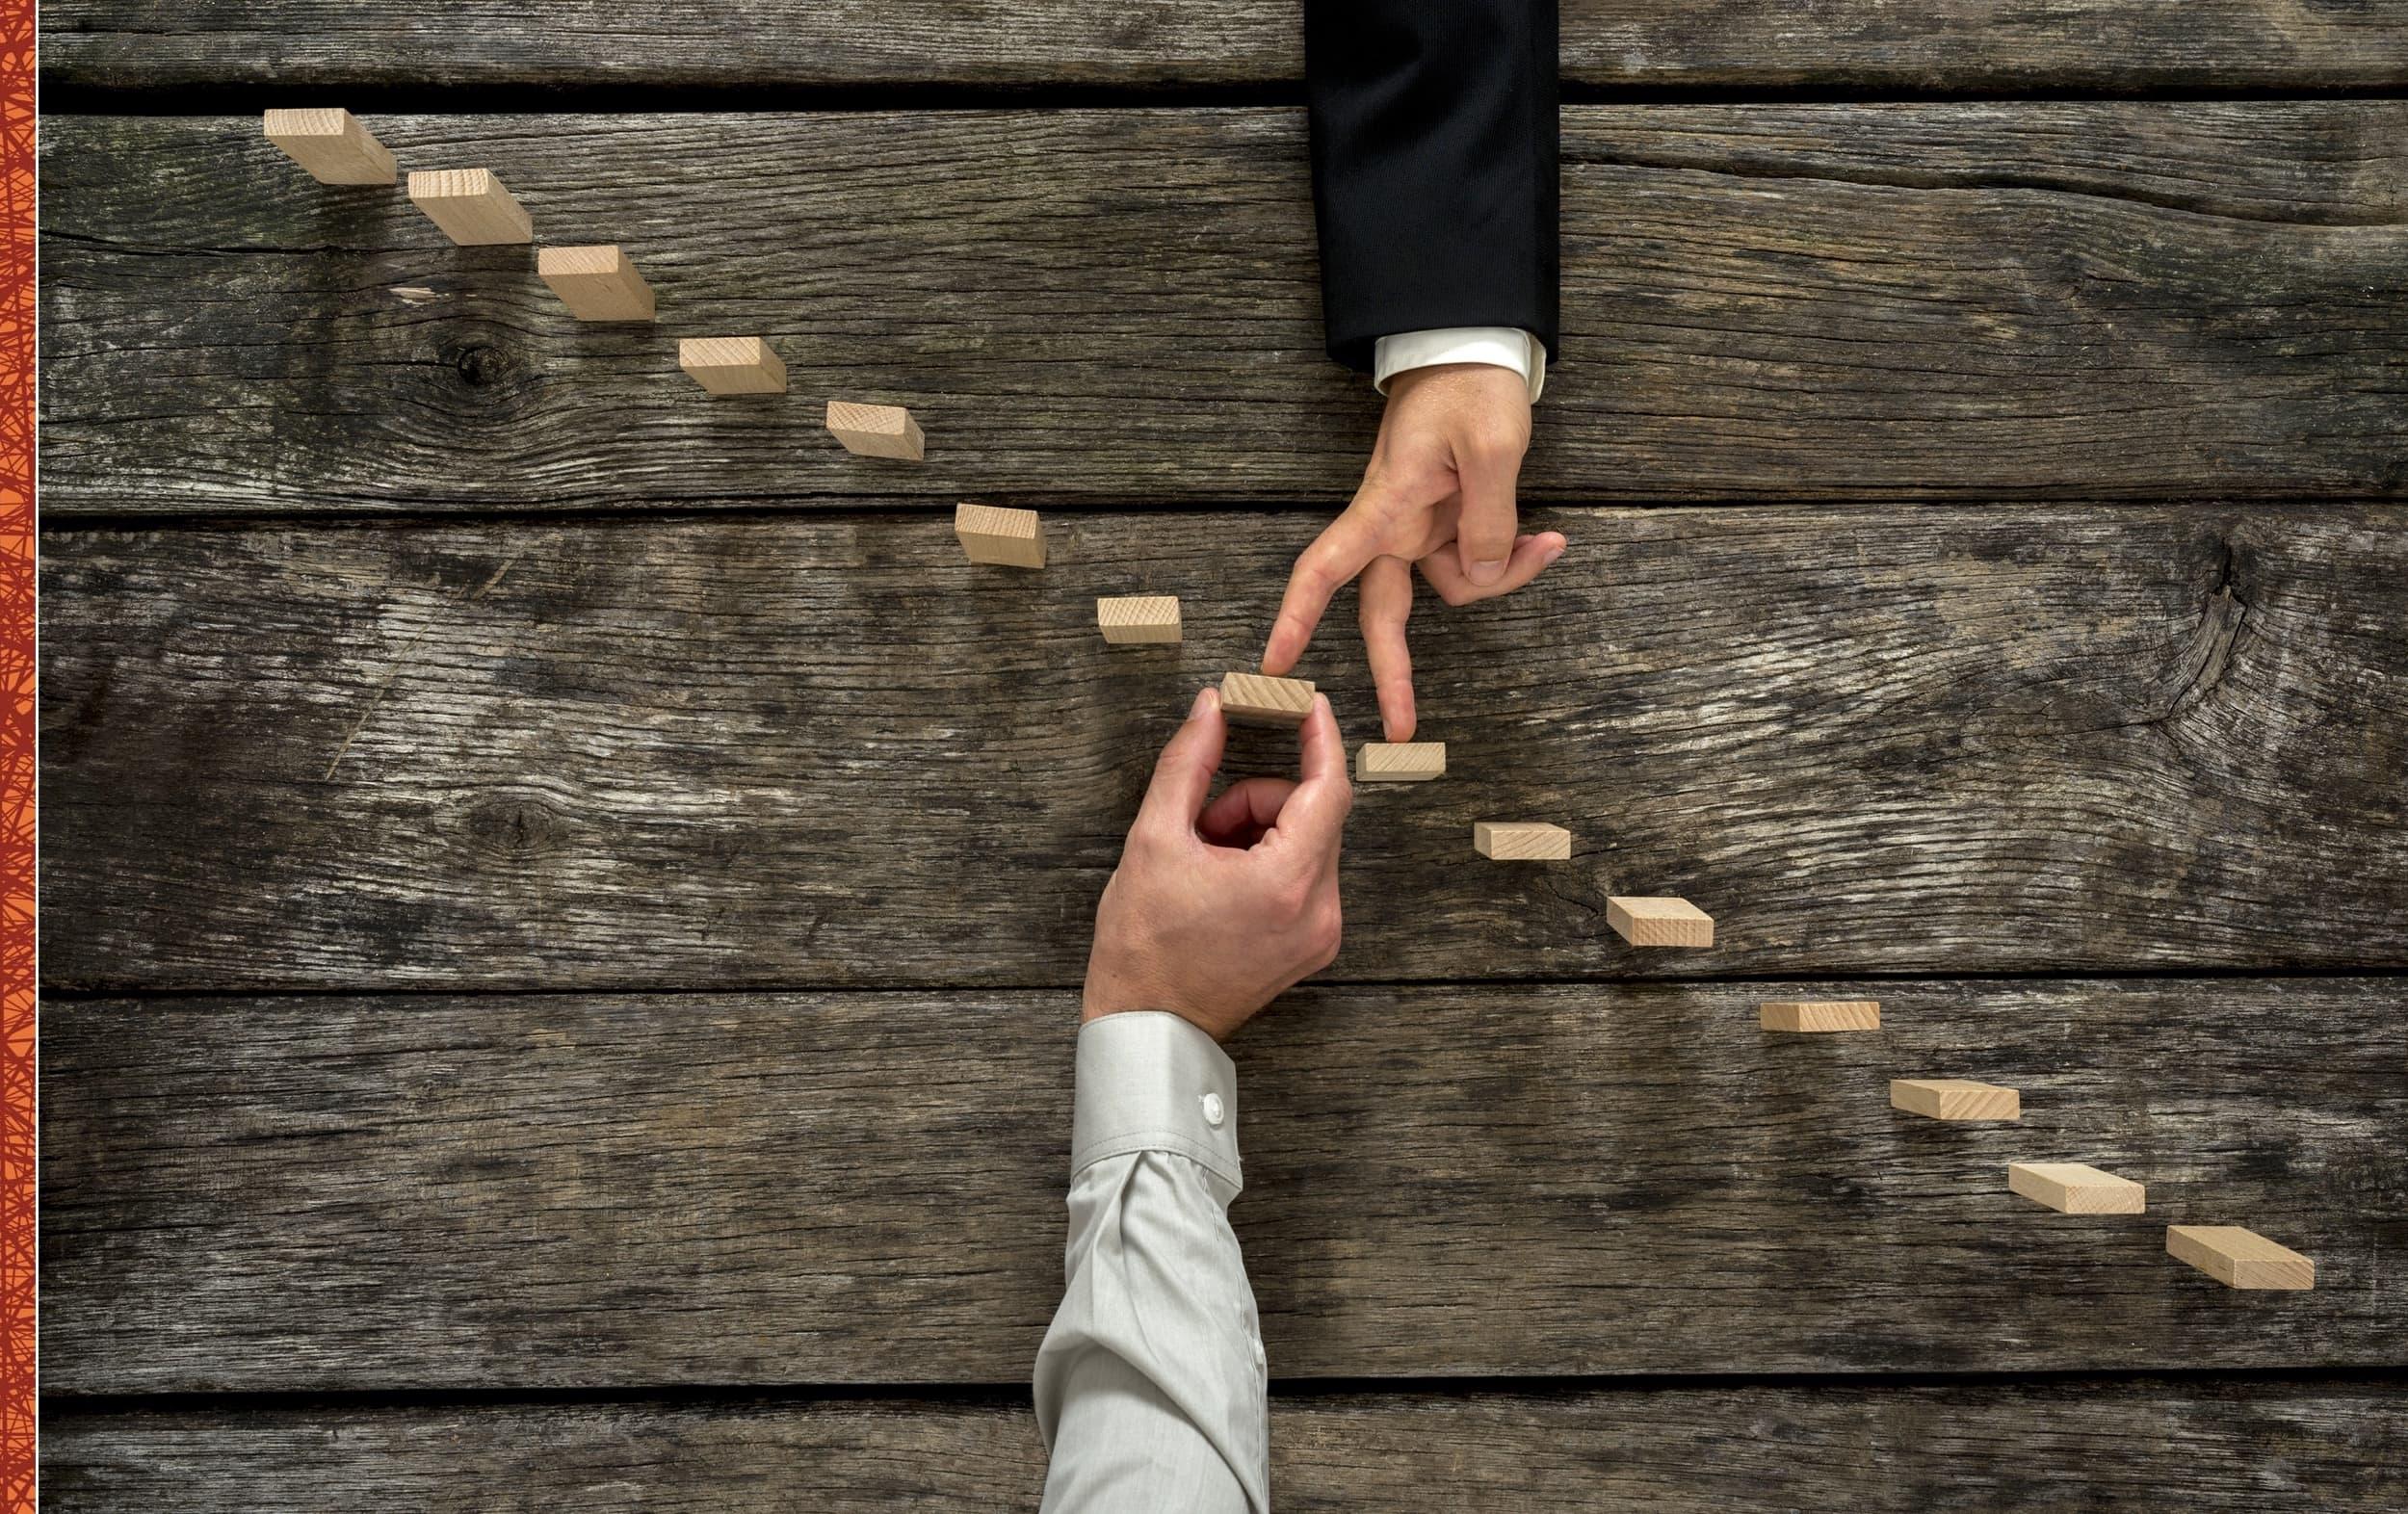 LeiderschapSuite_Leiderschapsontwikkeling-Persoonlijk leiderschap-Persoonlijke effectiviteit-Beïnvloeden-header-01